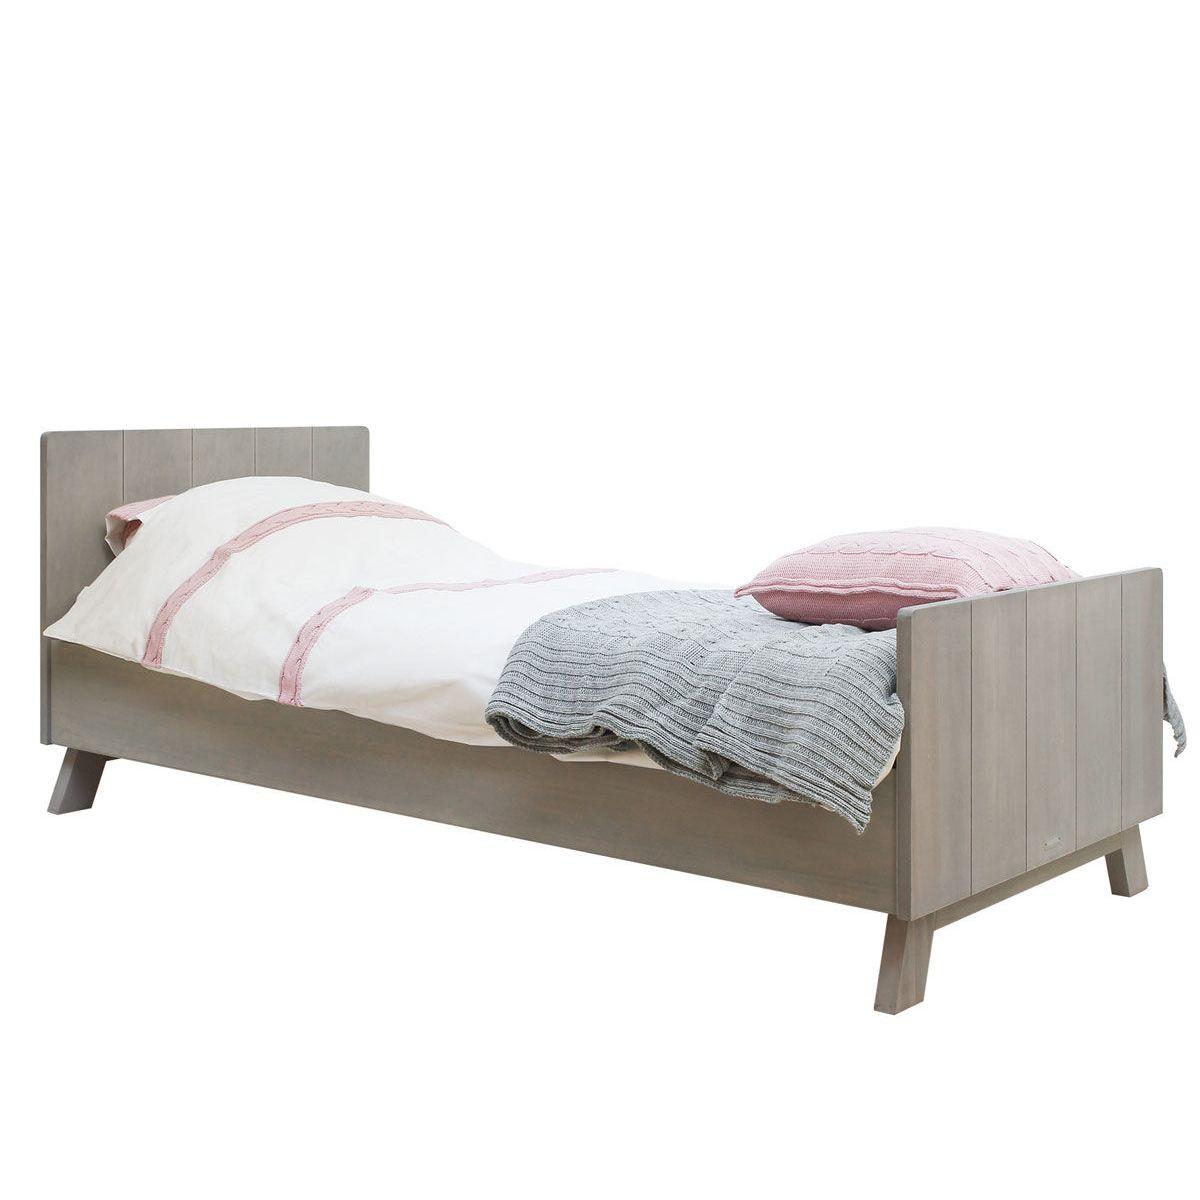 Full Size of Bett Günstig Bopita Pebble Wood Gnstig Bei Babyonlineshop 120x200 Luxus Betten 140x200 Ohne Kopfteil Kaufen Nussbaum 180x200 Ausklappbar Selber Bauen Weißes Bett Bett Günstig